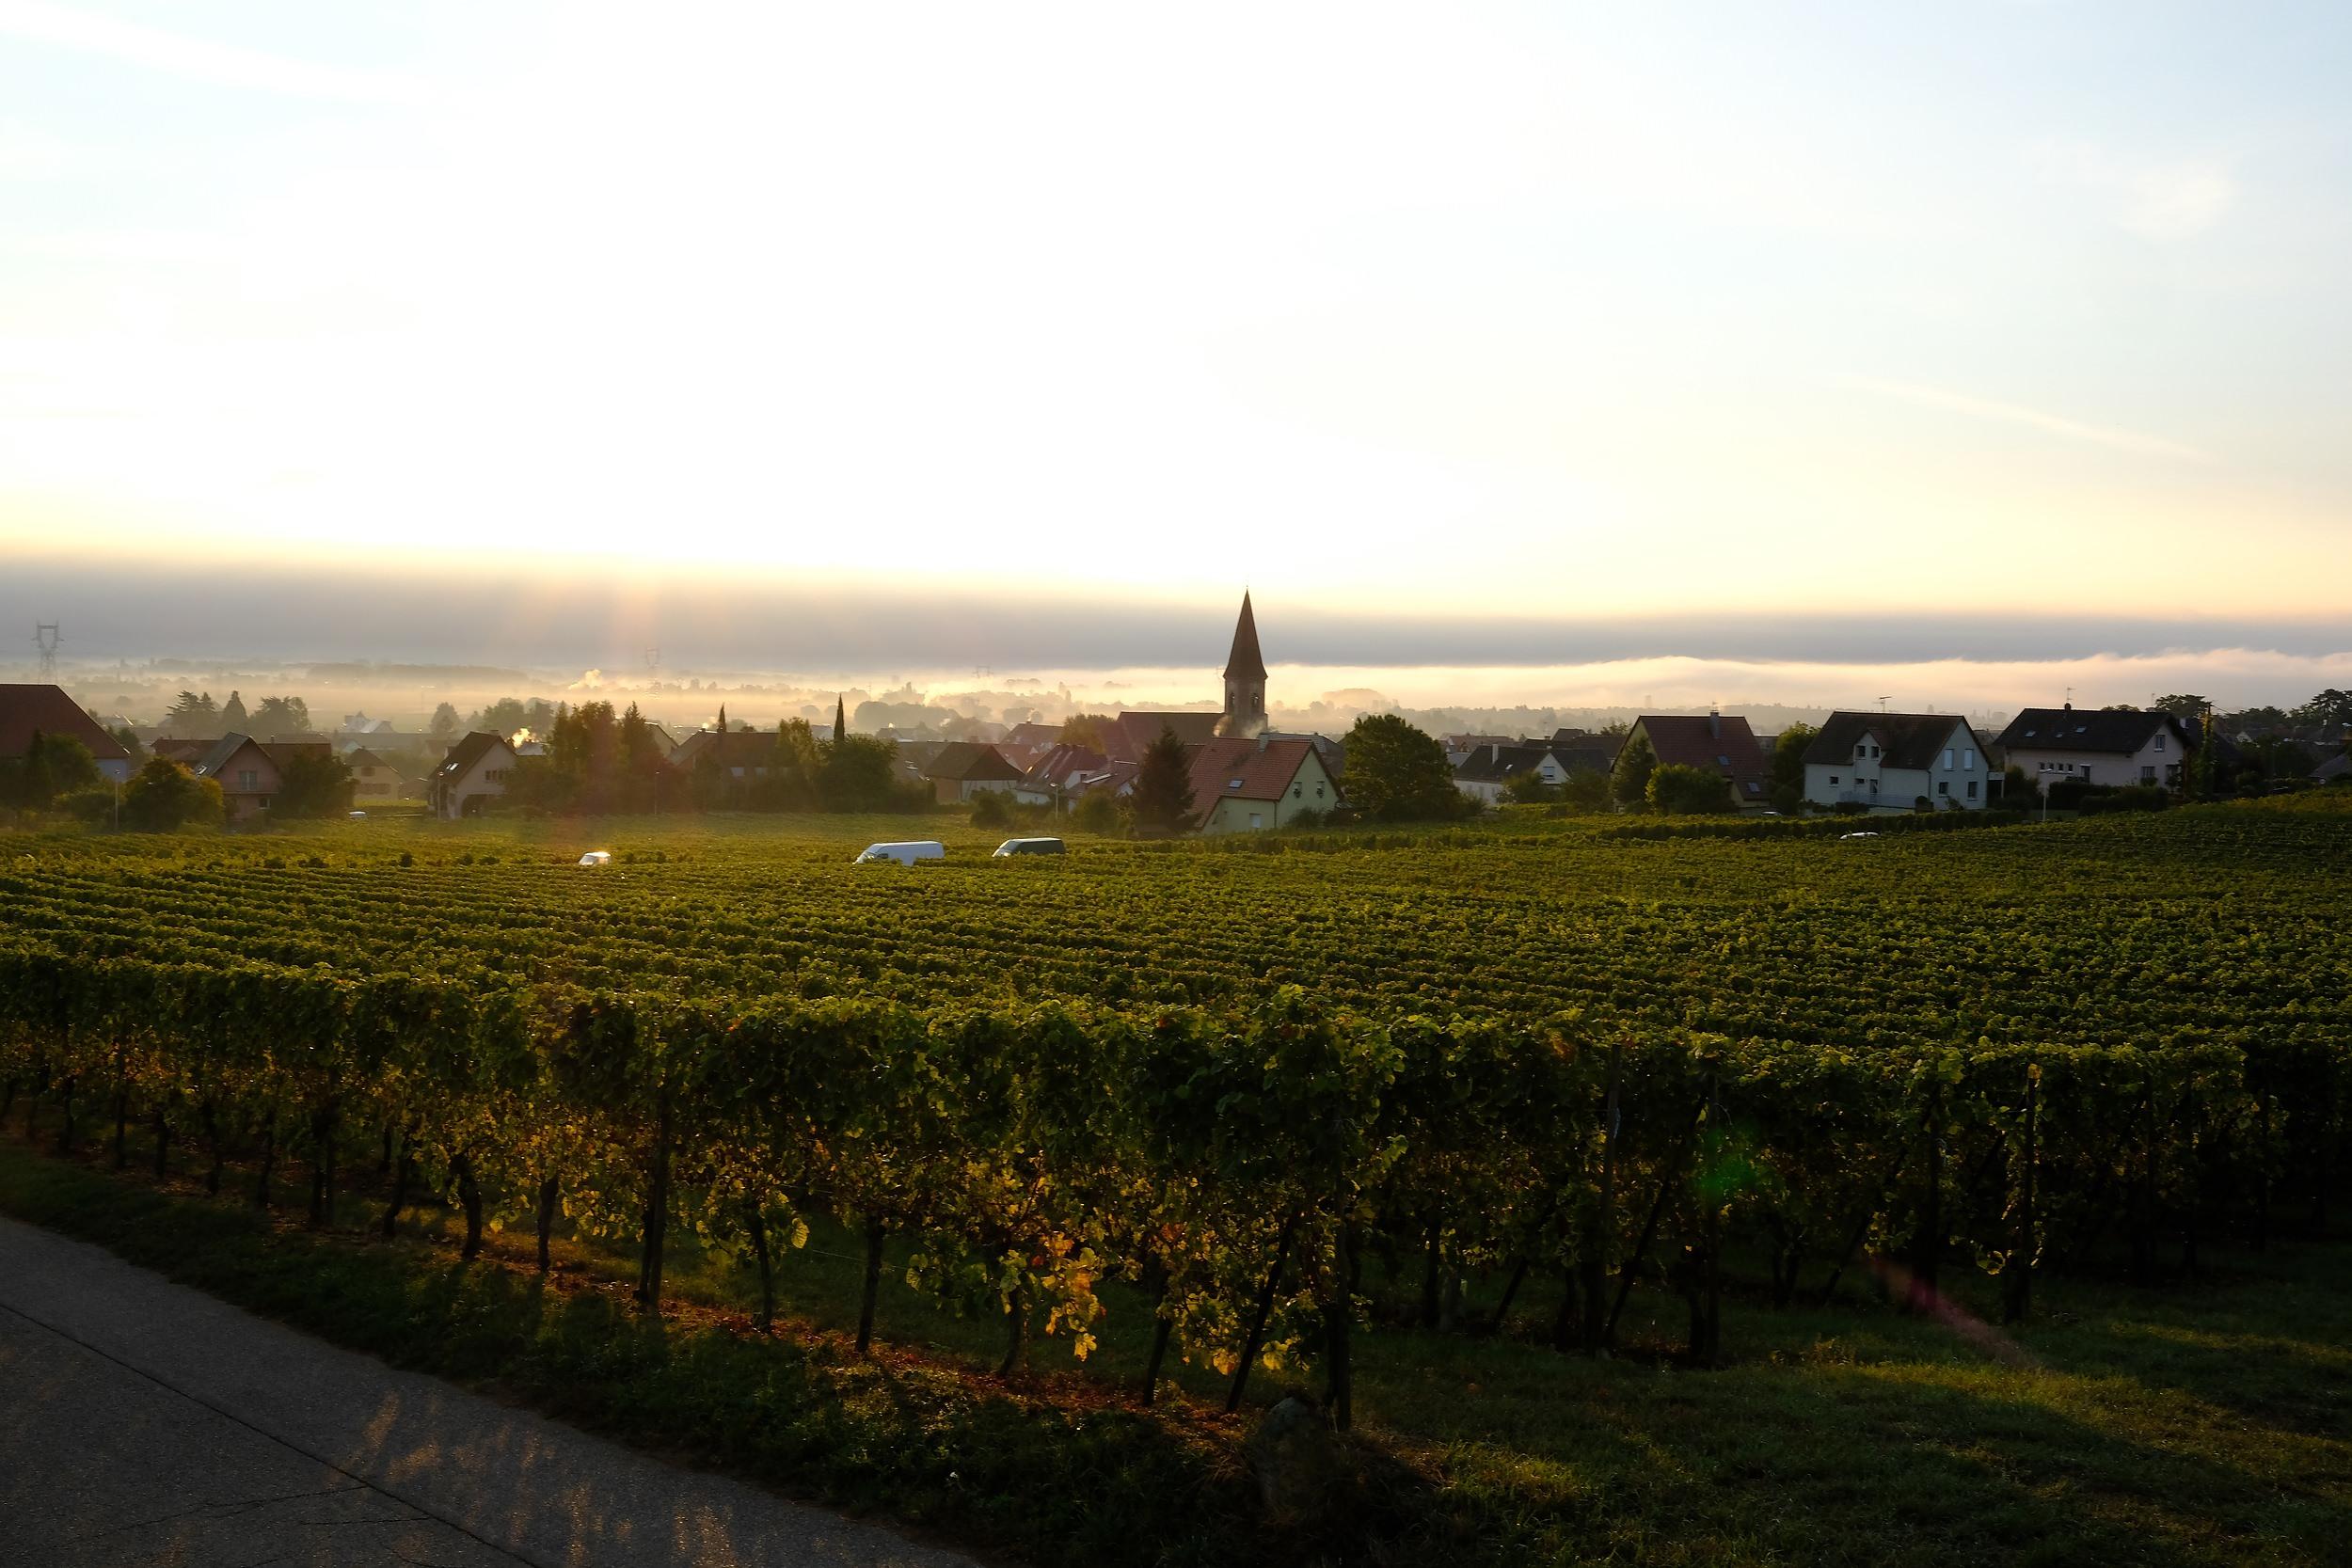 fotoreportage-wijn produceren-Vignoble des 2 lunes-Bosman Wijnkopers-452.jpg